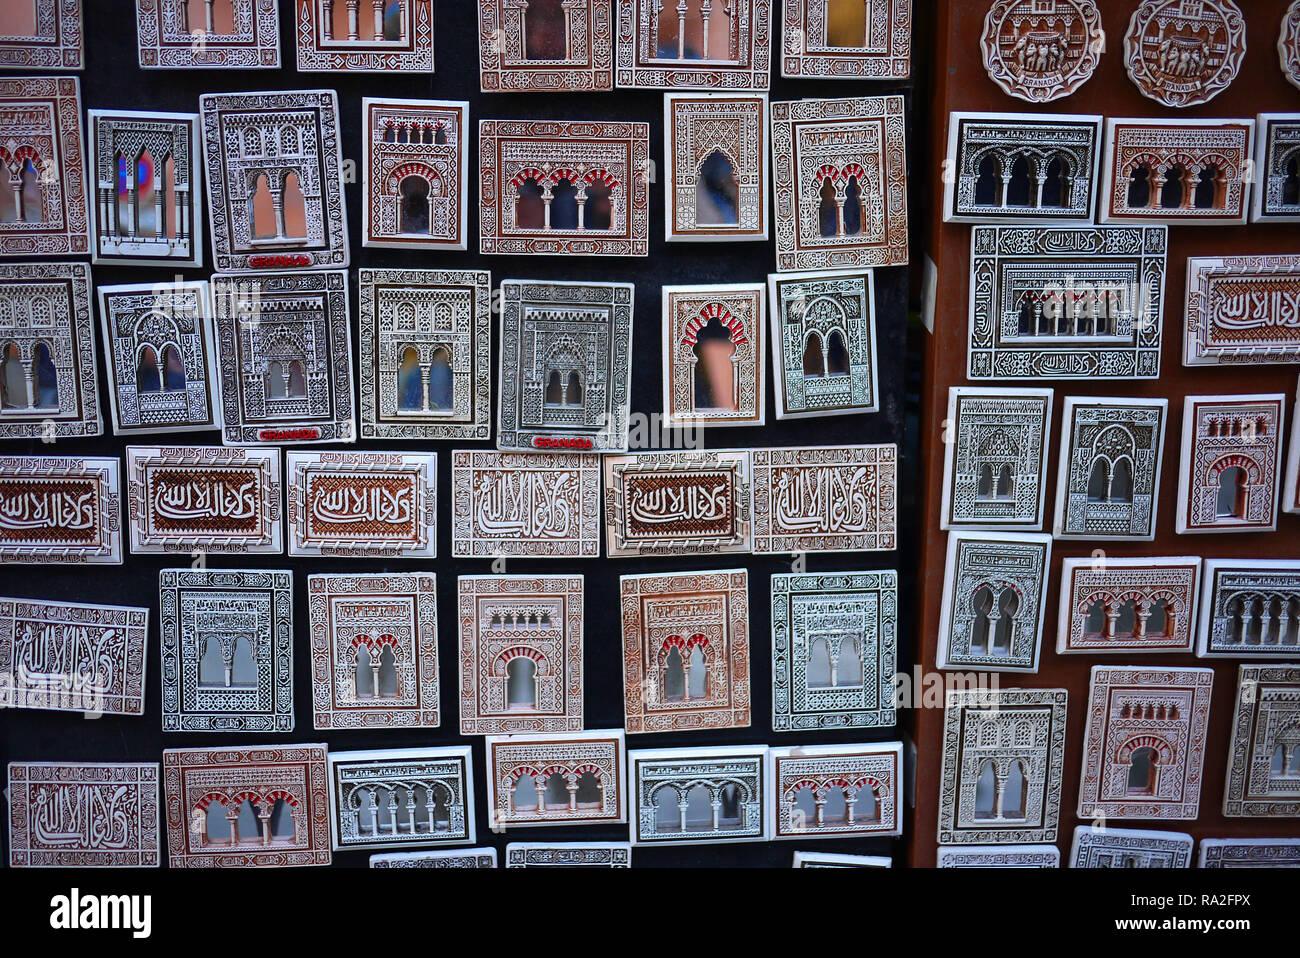 Alhambra souvenir magneti per il frigo in vendita a Granada, Spagna. Immagini Stock